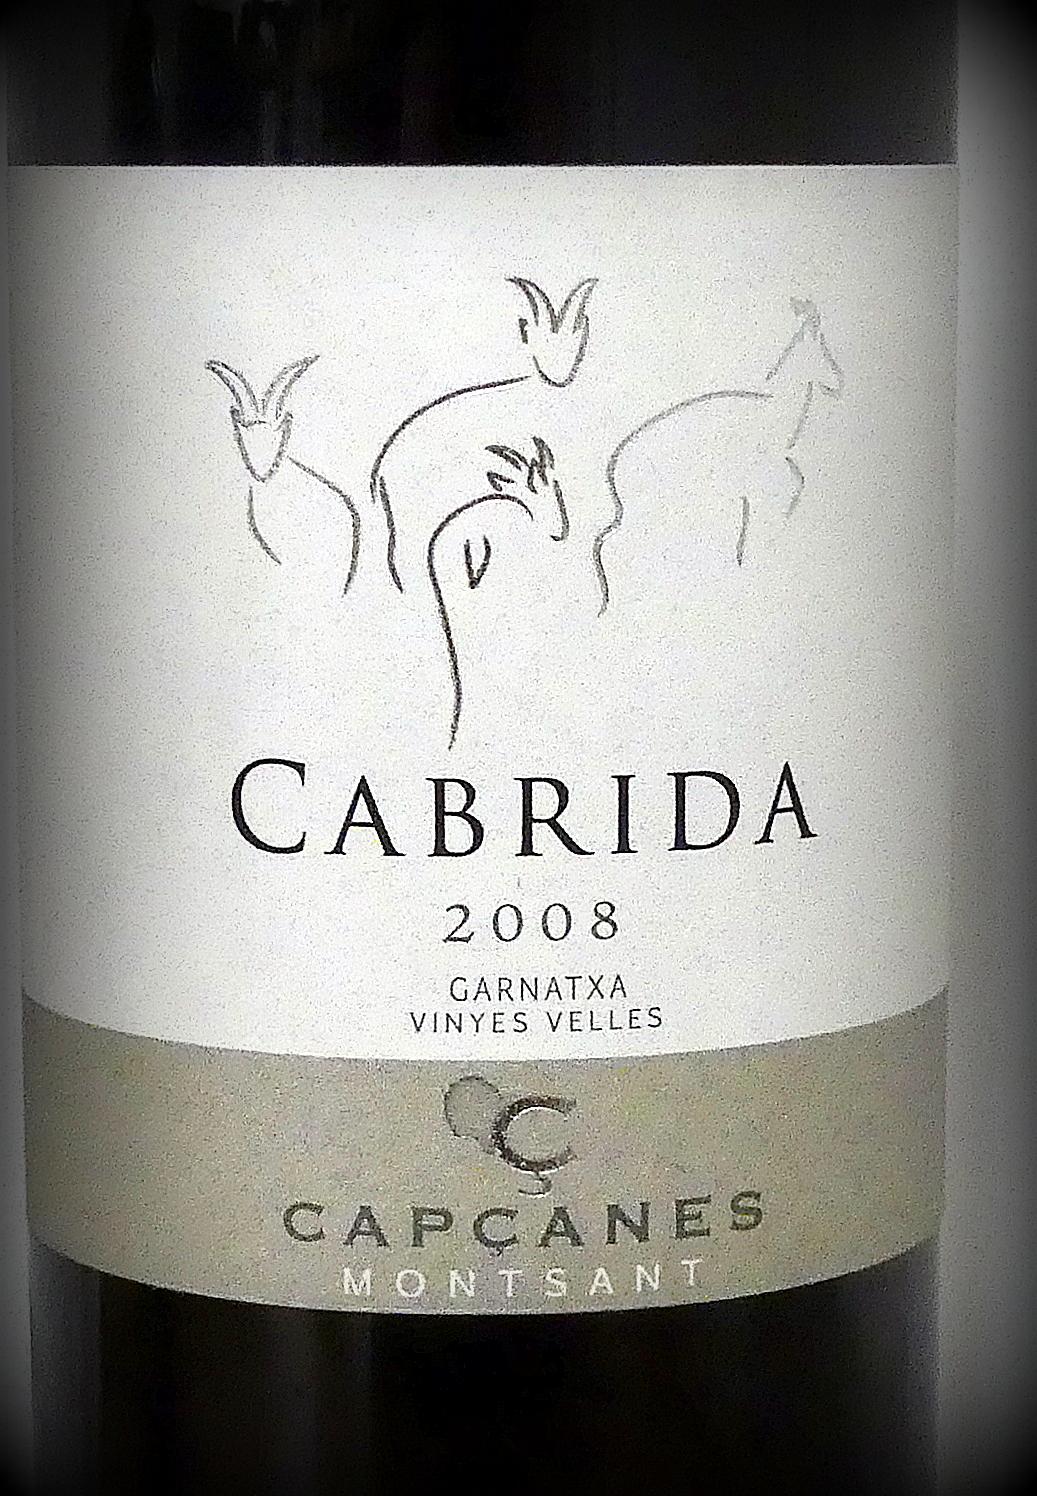 Cabrida